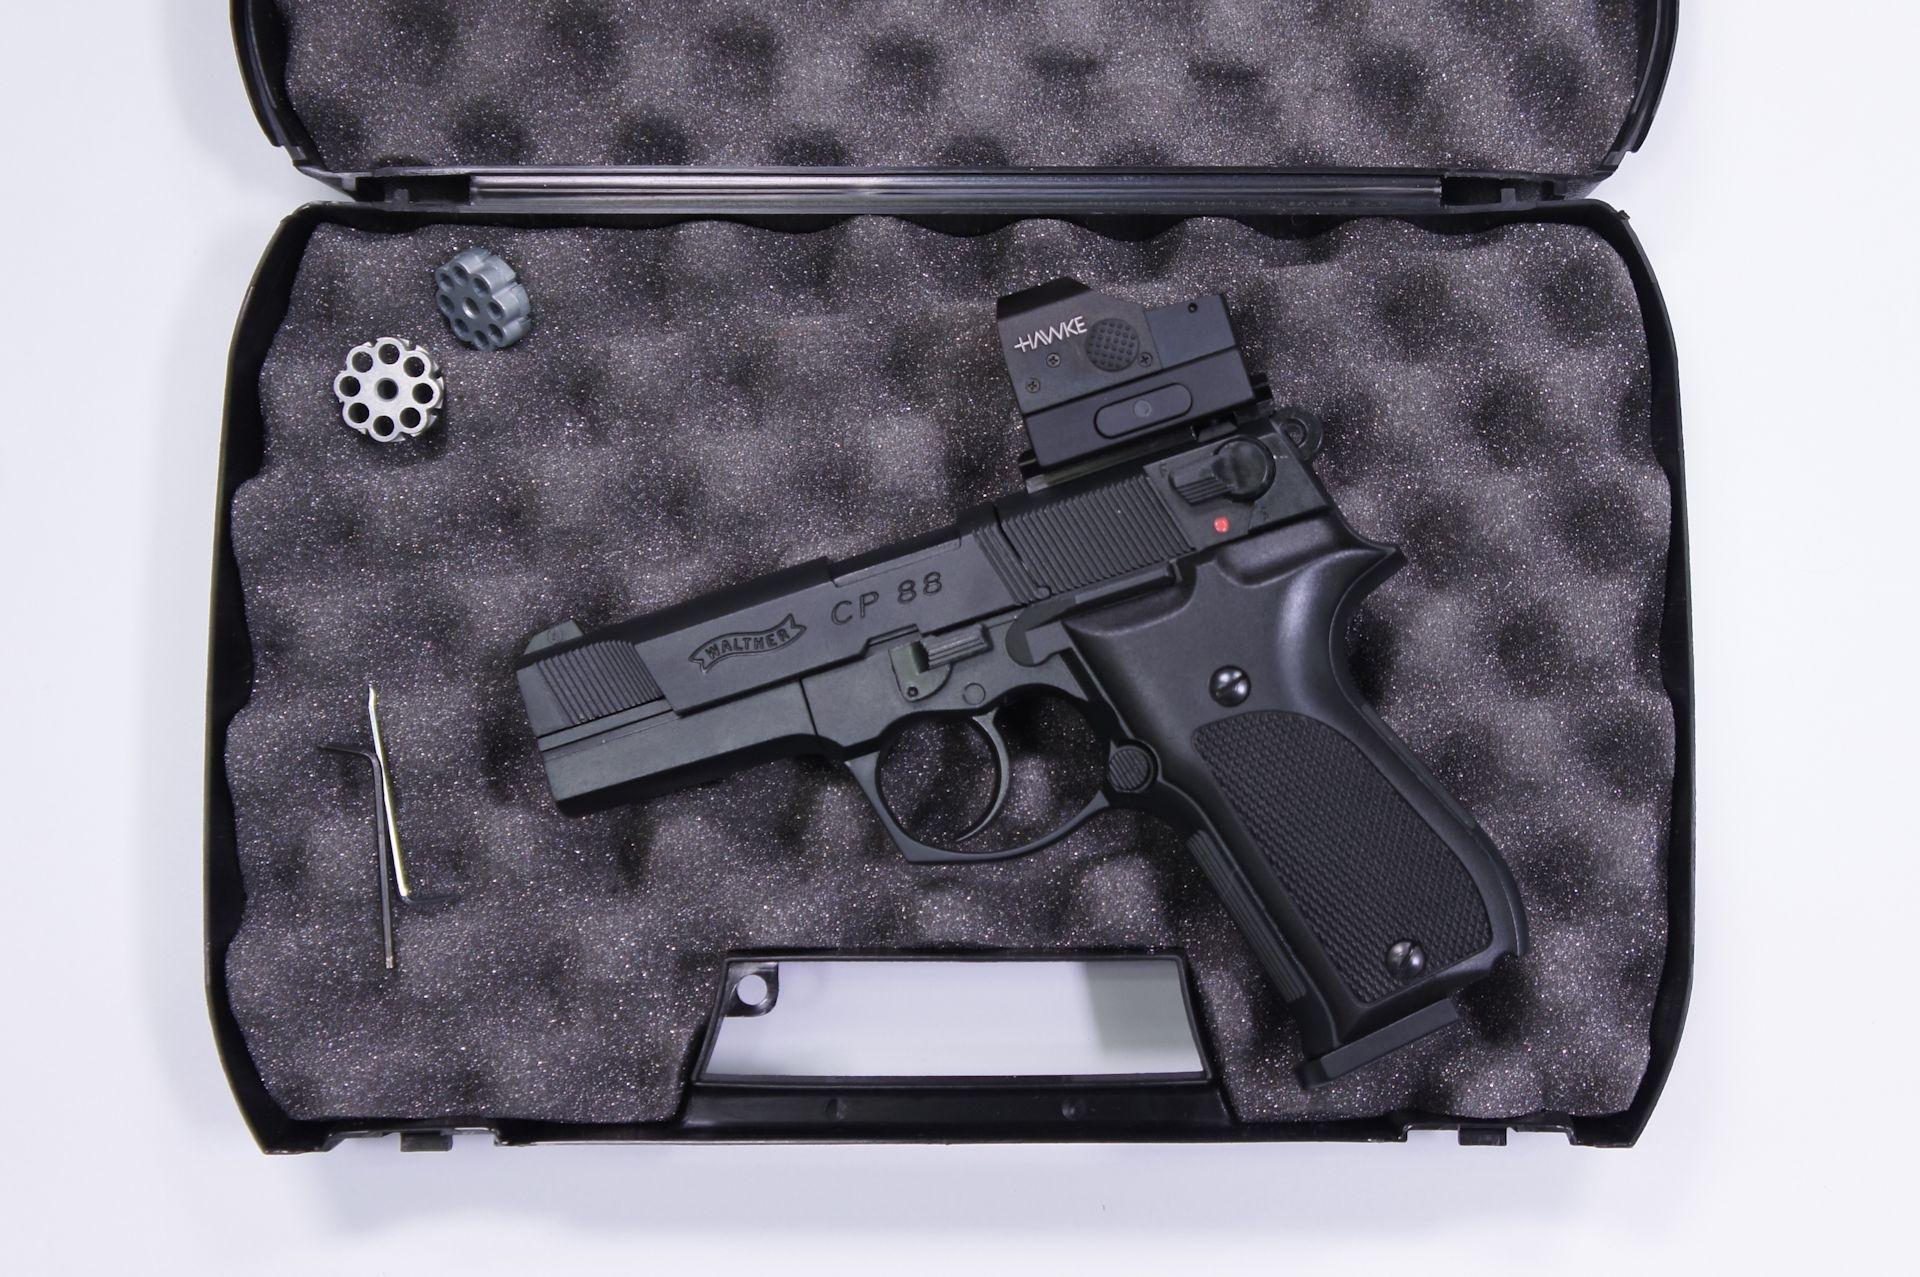 Wer sich für eines der kleineren Viere entscheidet, kann seinen Koffer weiterhin nutzen und die Pistole passt mit aufgebautem Viesier hinein